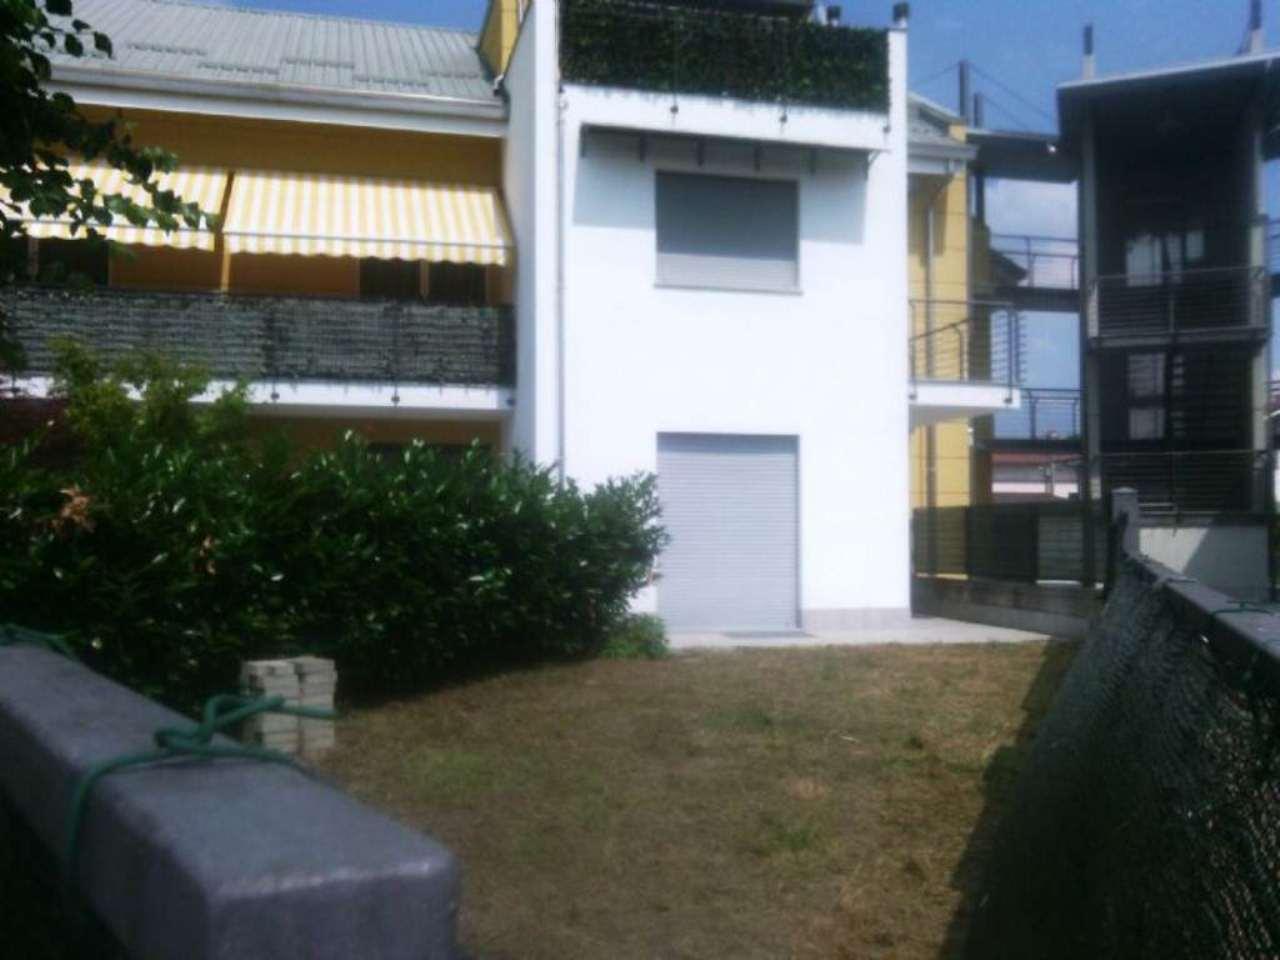 Appartamento in affitto a San Maurizio Canavese, 2 locali, zona Località: Centro, prezzo € 450 | PortaleAgenzieImmobiliari.it